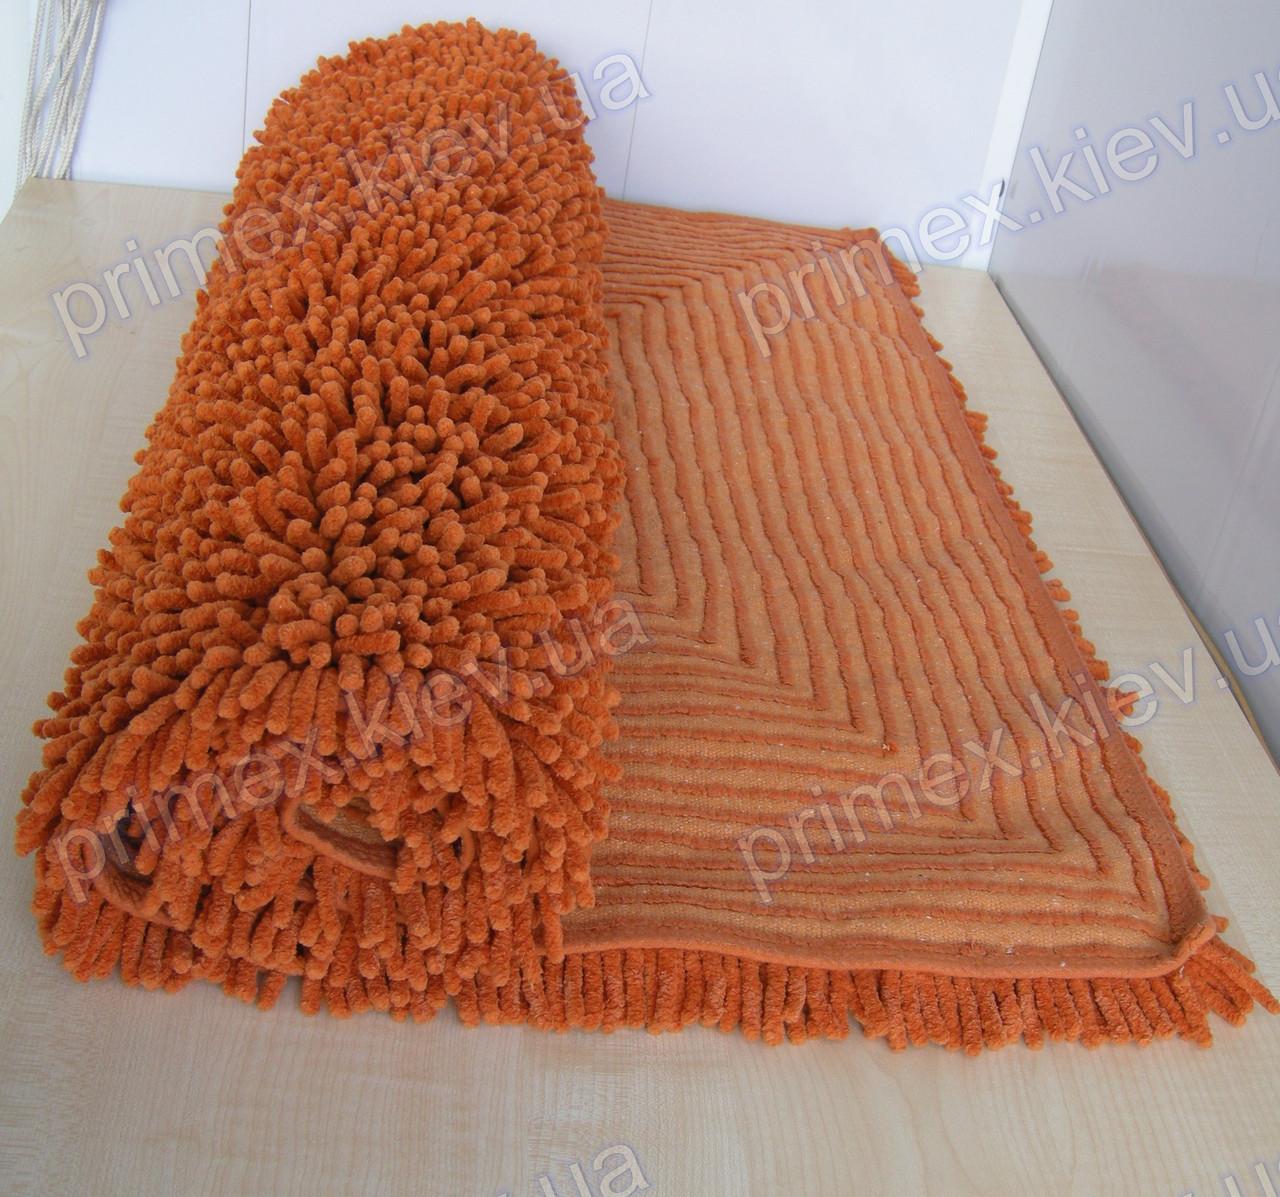 Коврик для ванной хлопковый, 70*100см. цвет оранжевый. Набор ковриков для ванной